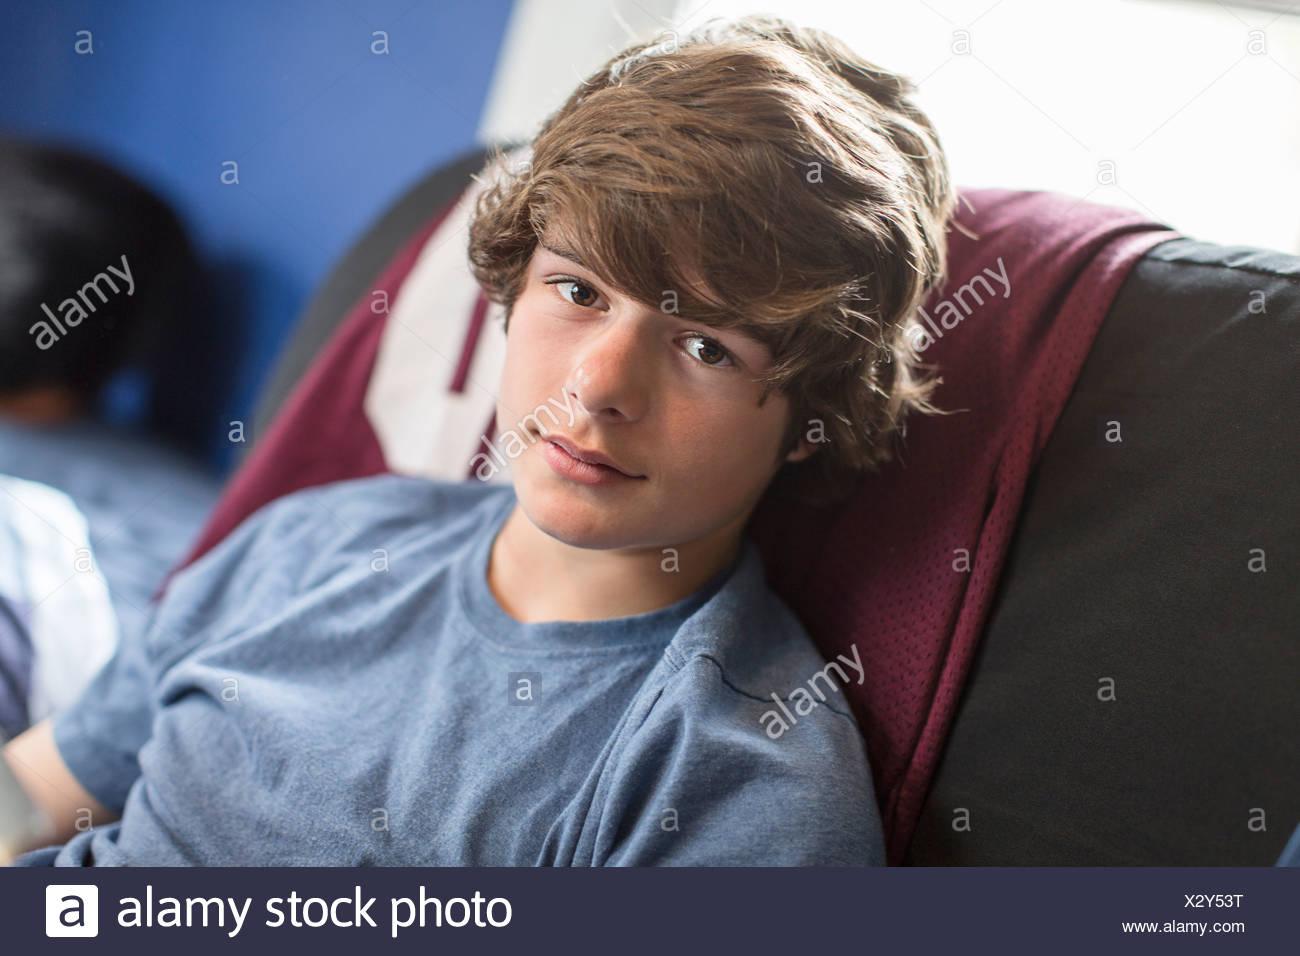 Retrato de niño adolescente Imagen De Stock